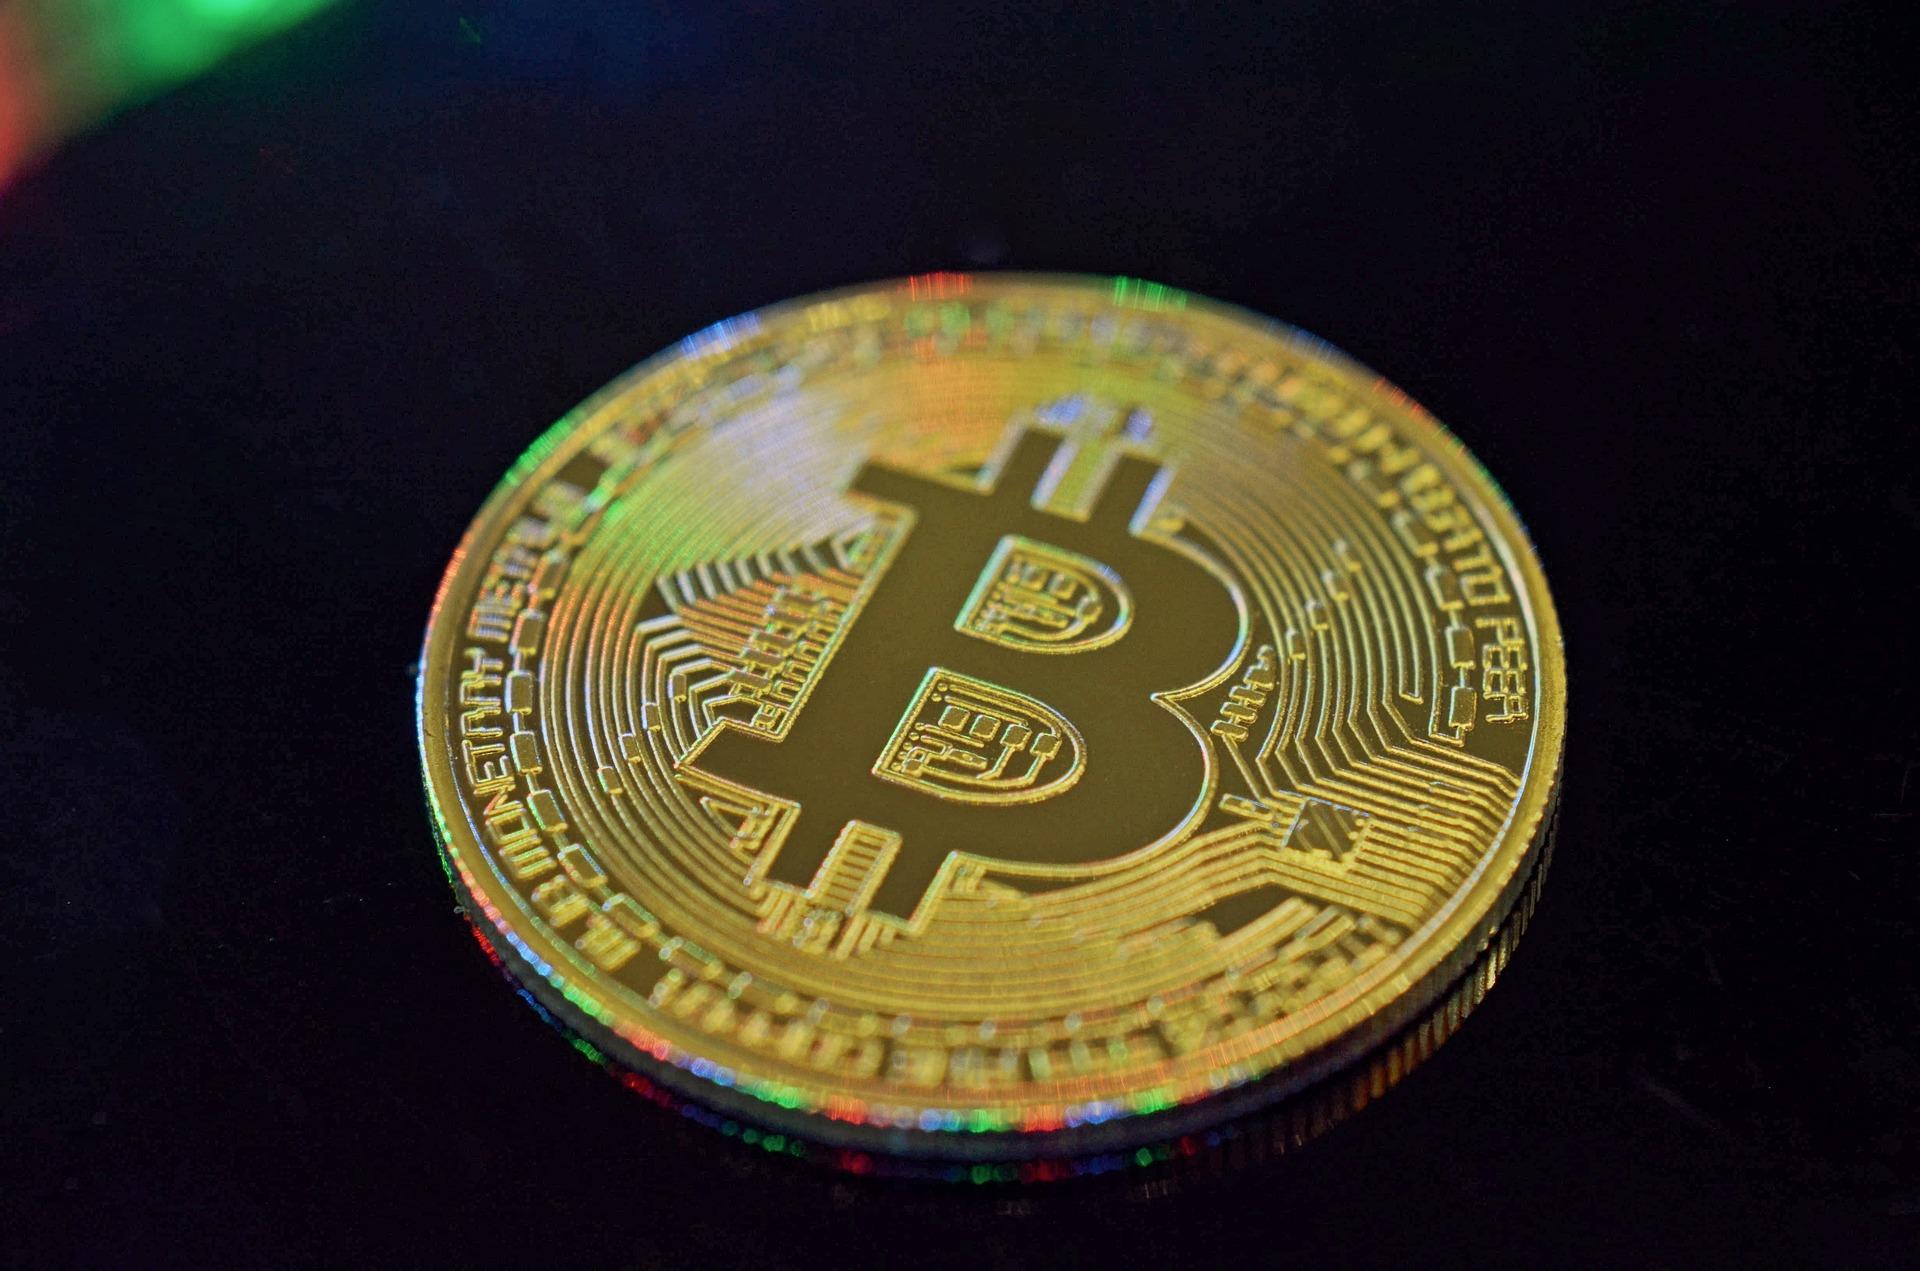 Un membre du Congrès américain défend Bitcoin après la Fiasco de Twitter